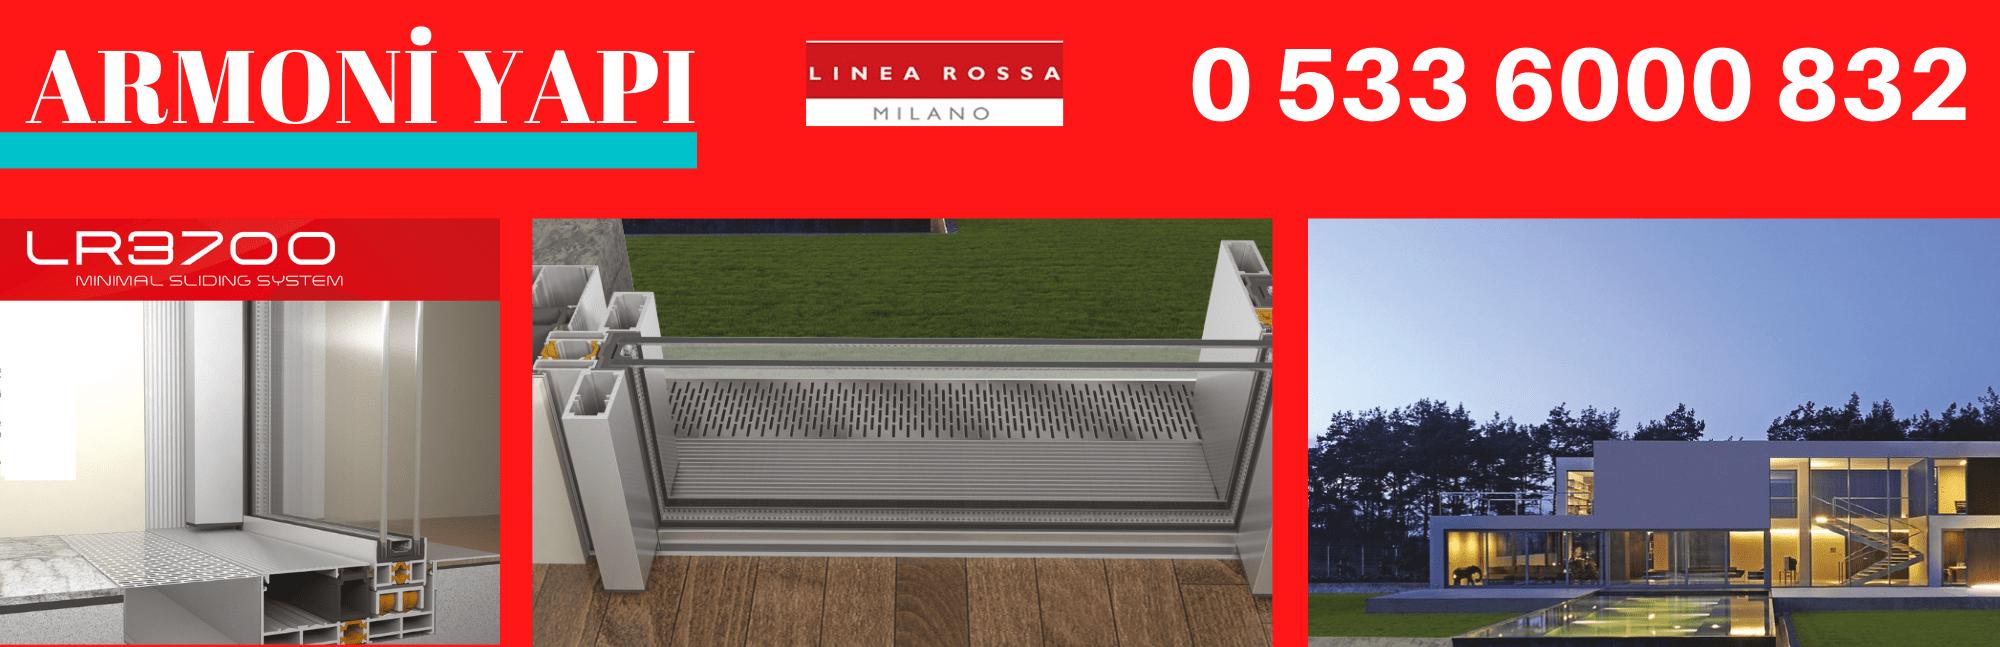 Linea Rossa LR-3700 sürme doğrama